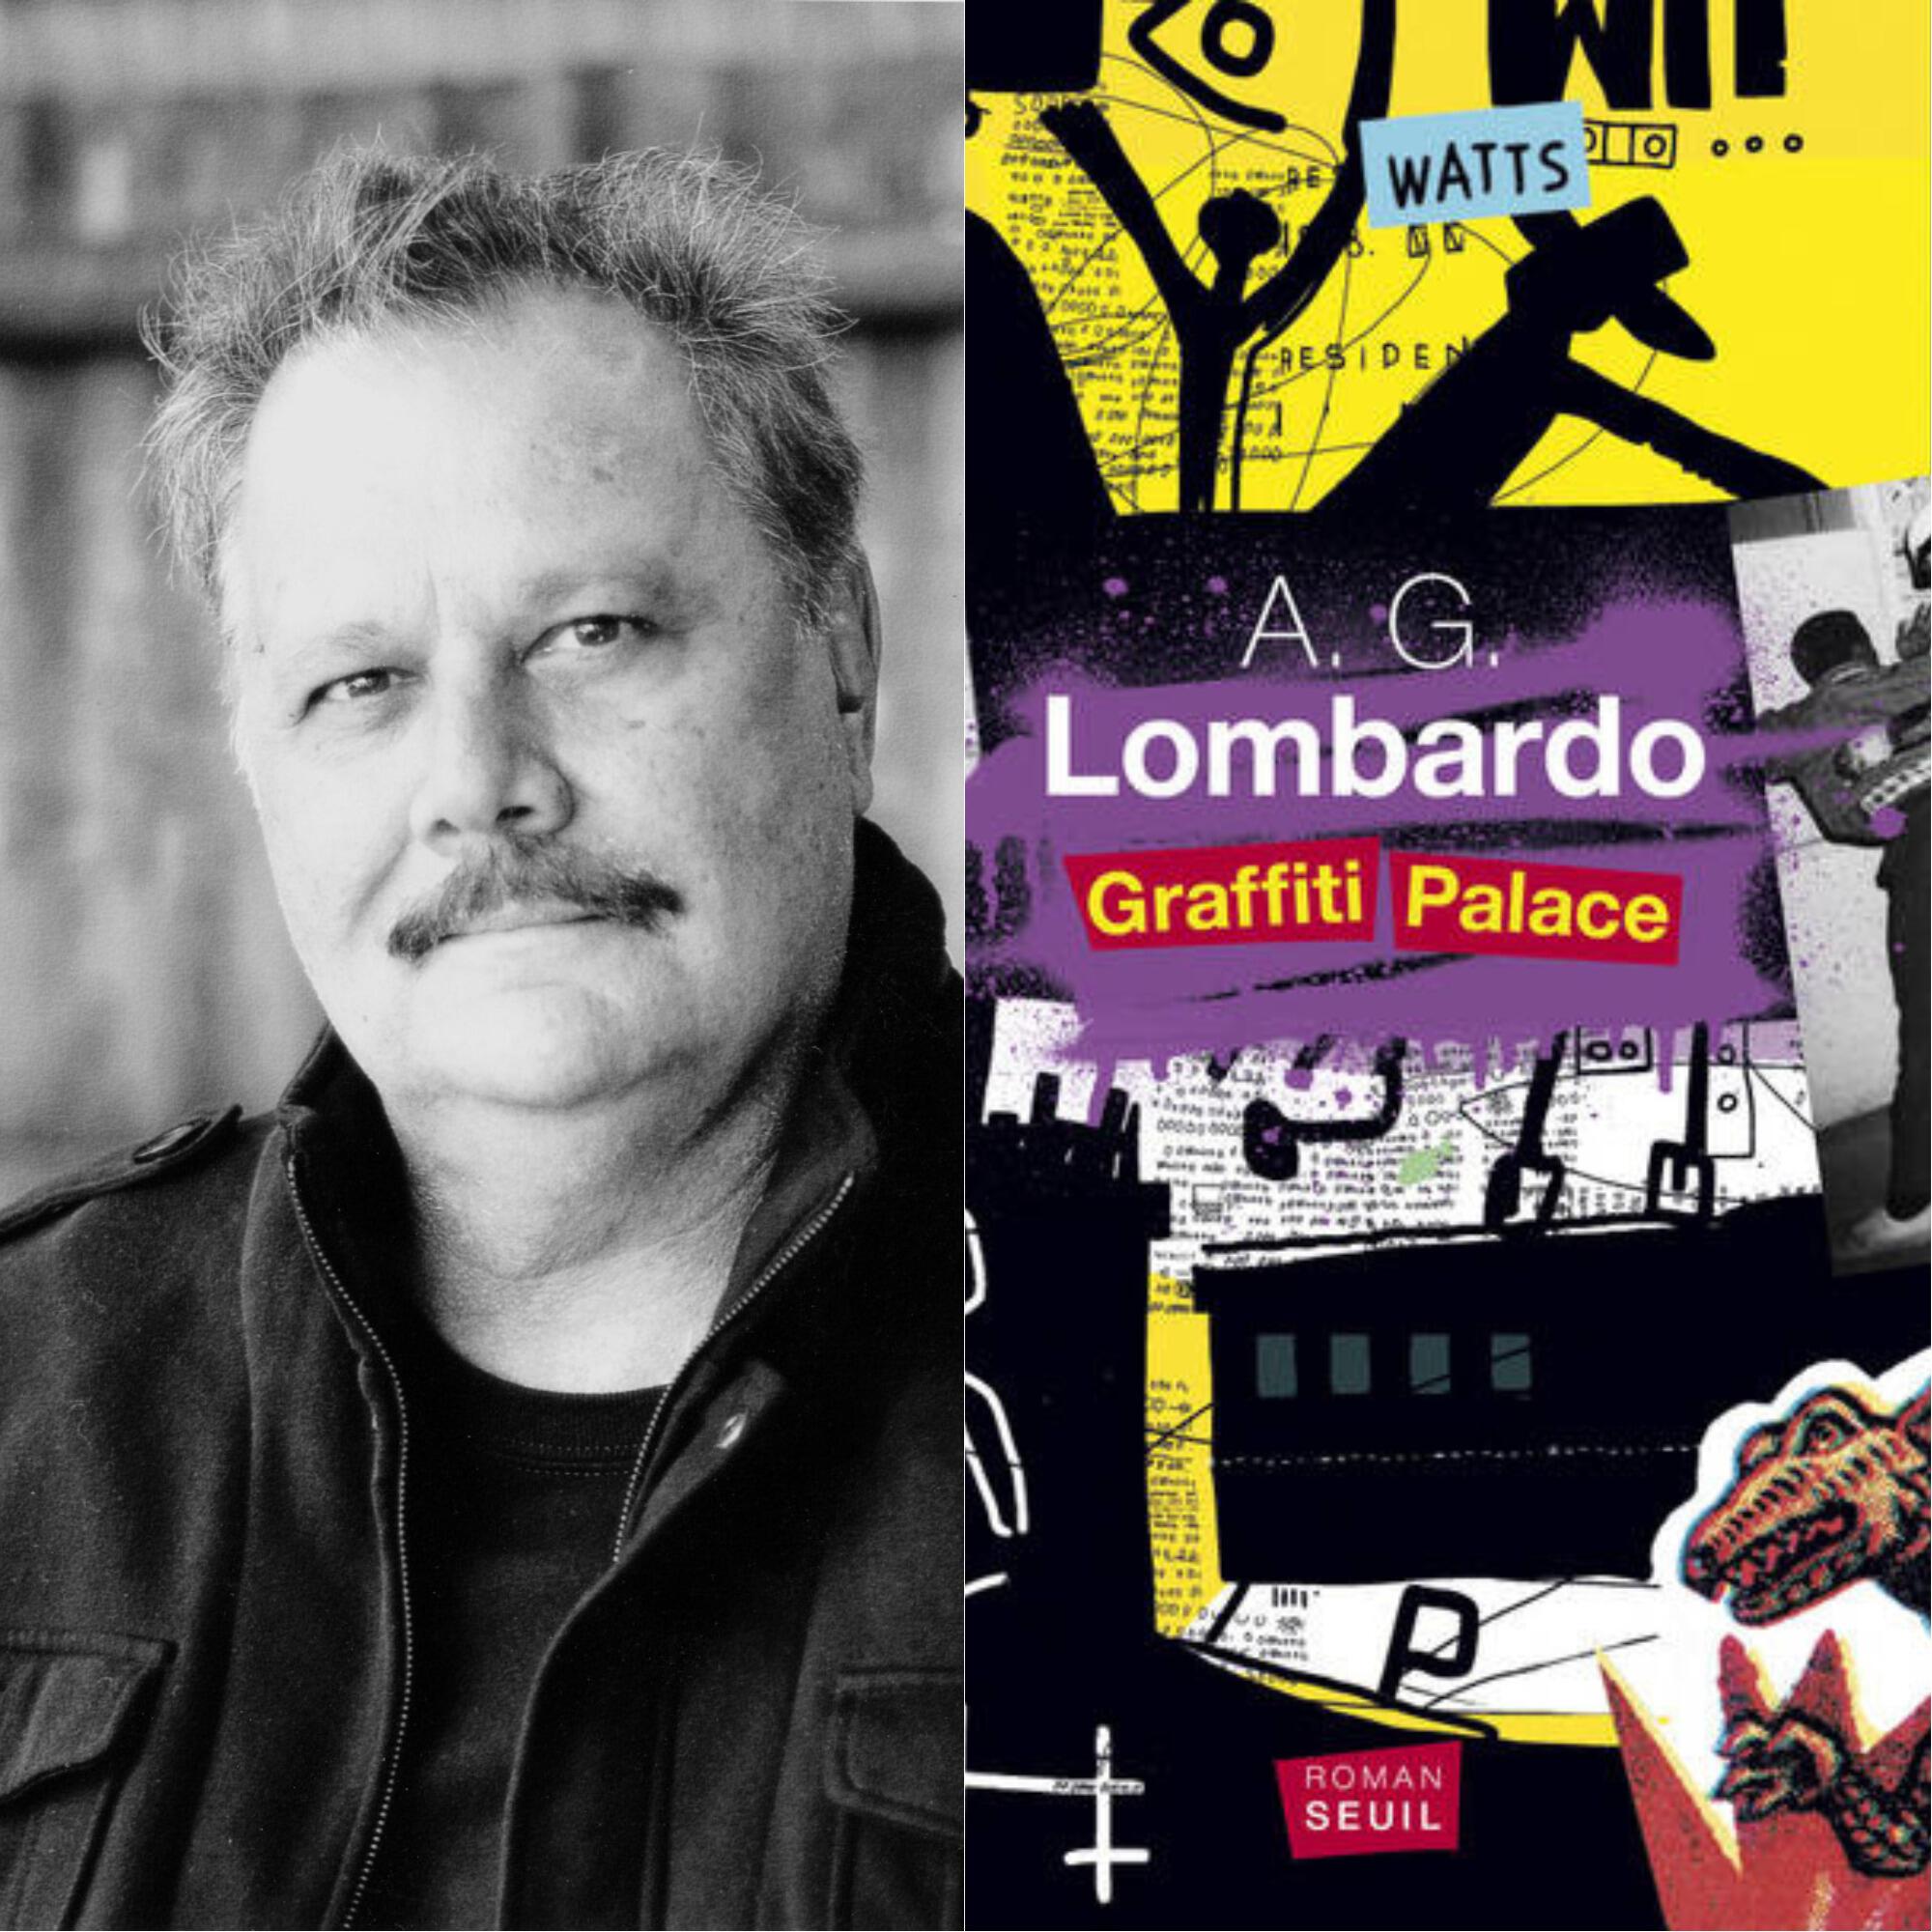 Portrait et couverture du livre d'AG Lombardo Graffiti Palace.